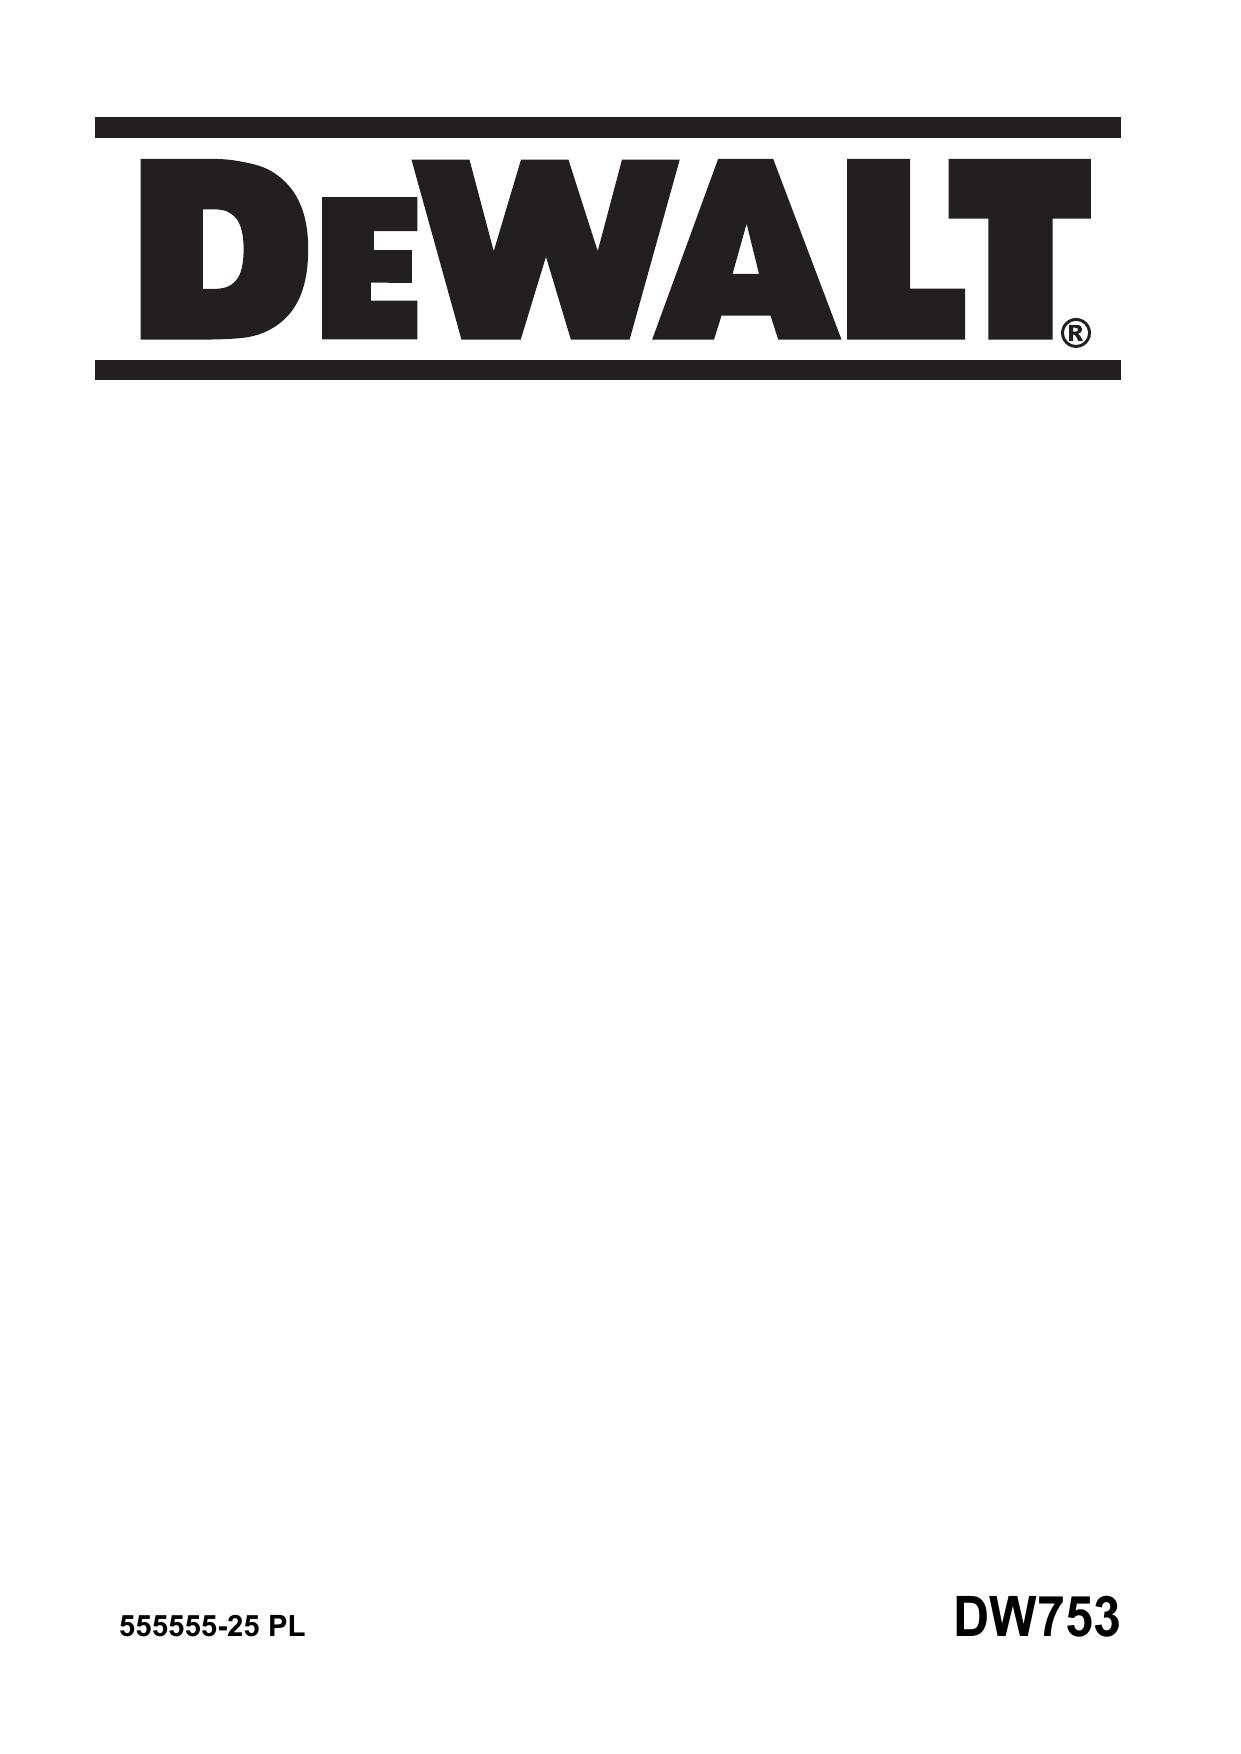 Miraculous Dewalt Dw753 Bench Grinder Type 2 Instruction Manual Inzonedesignstudio Interior Chair Design Inzonedesignstudiocom